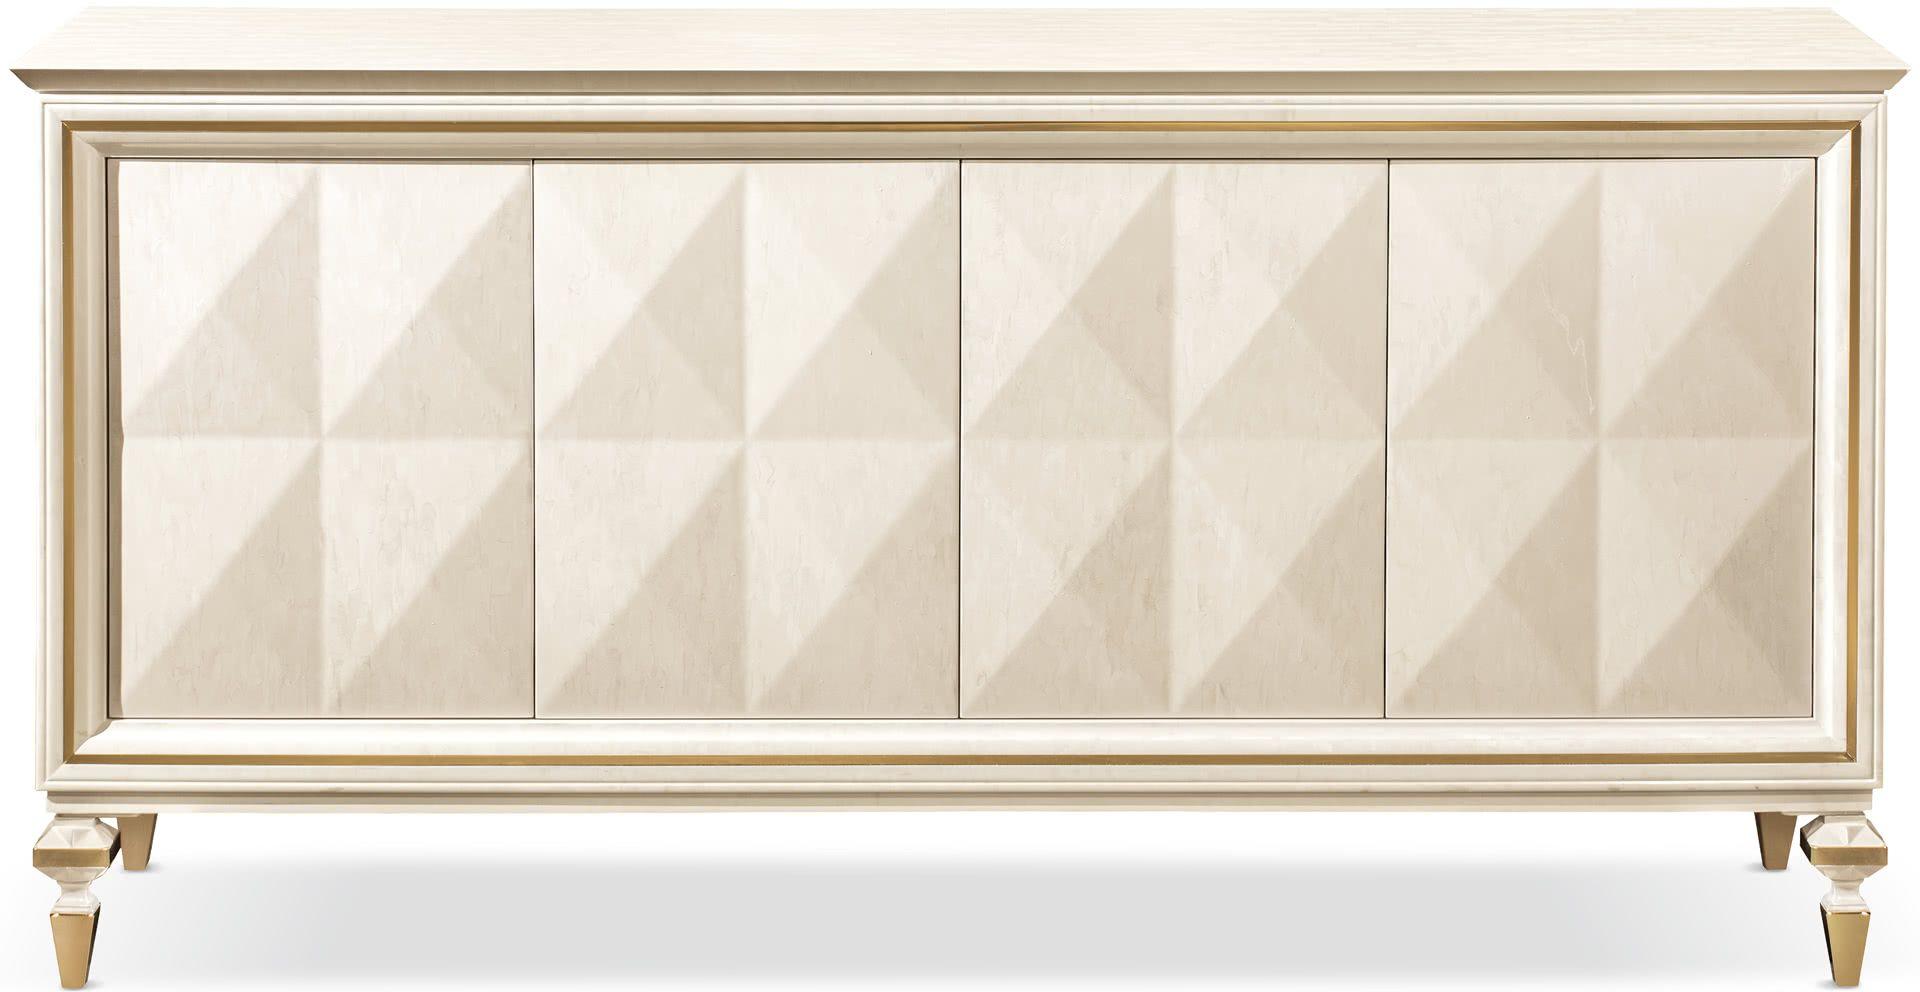 Mobili zona giorno cantori tables in 2019 furniture for Mobili zona giorno